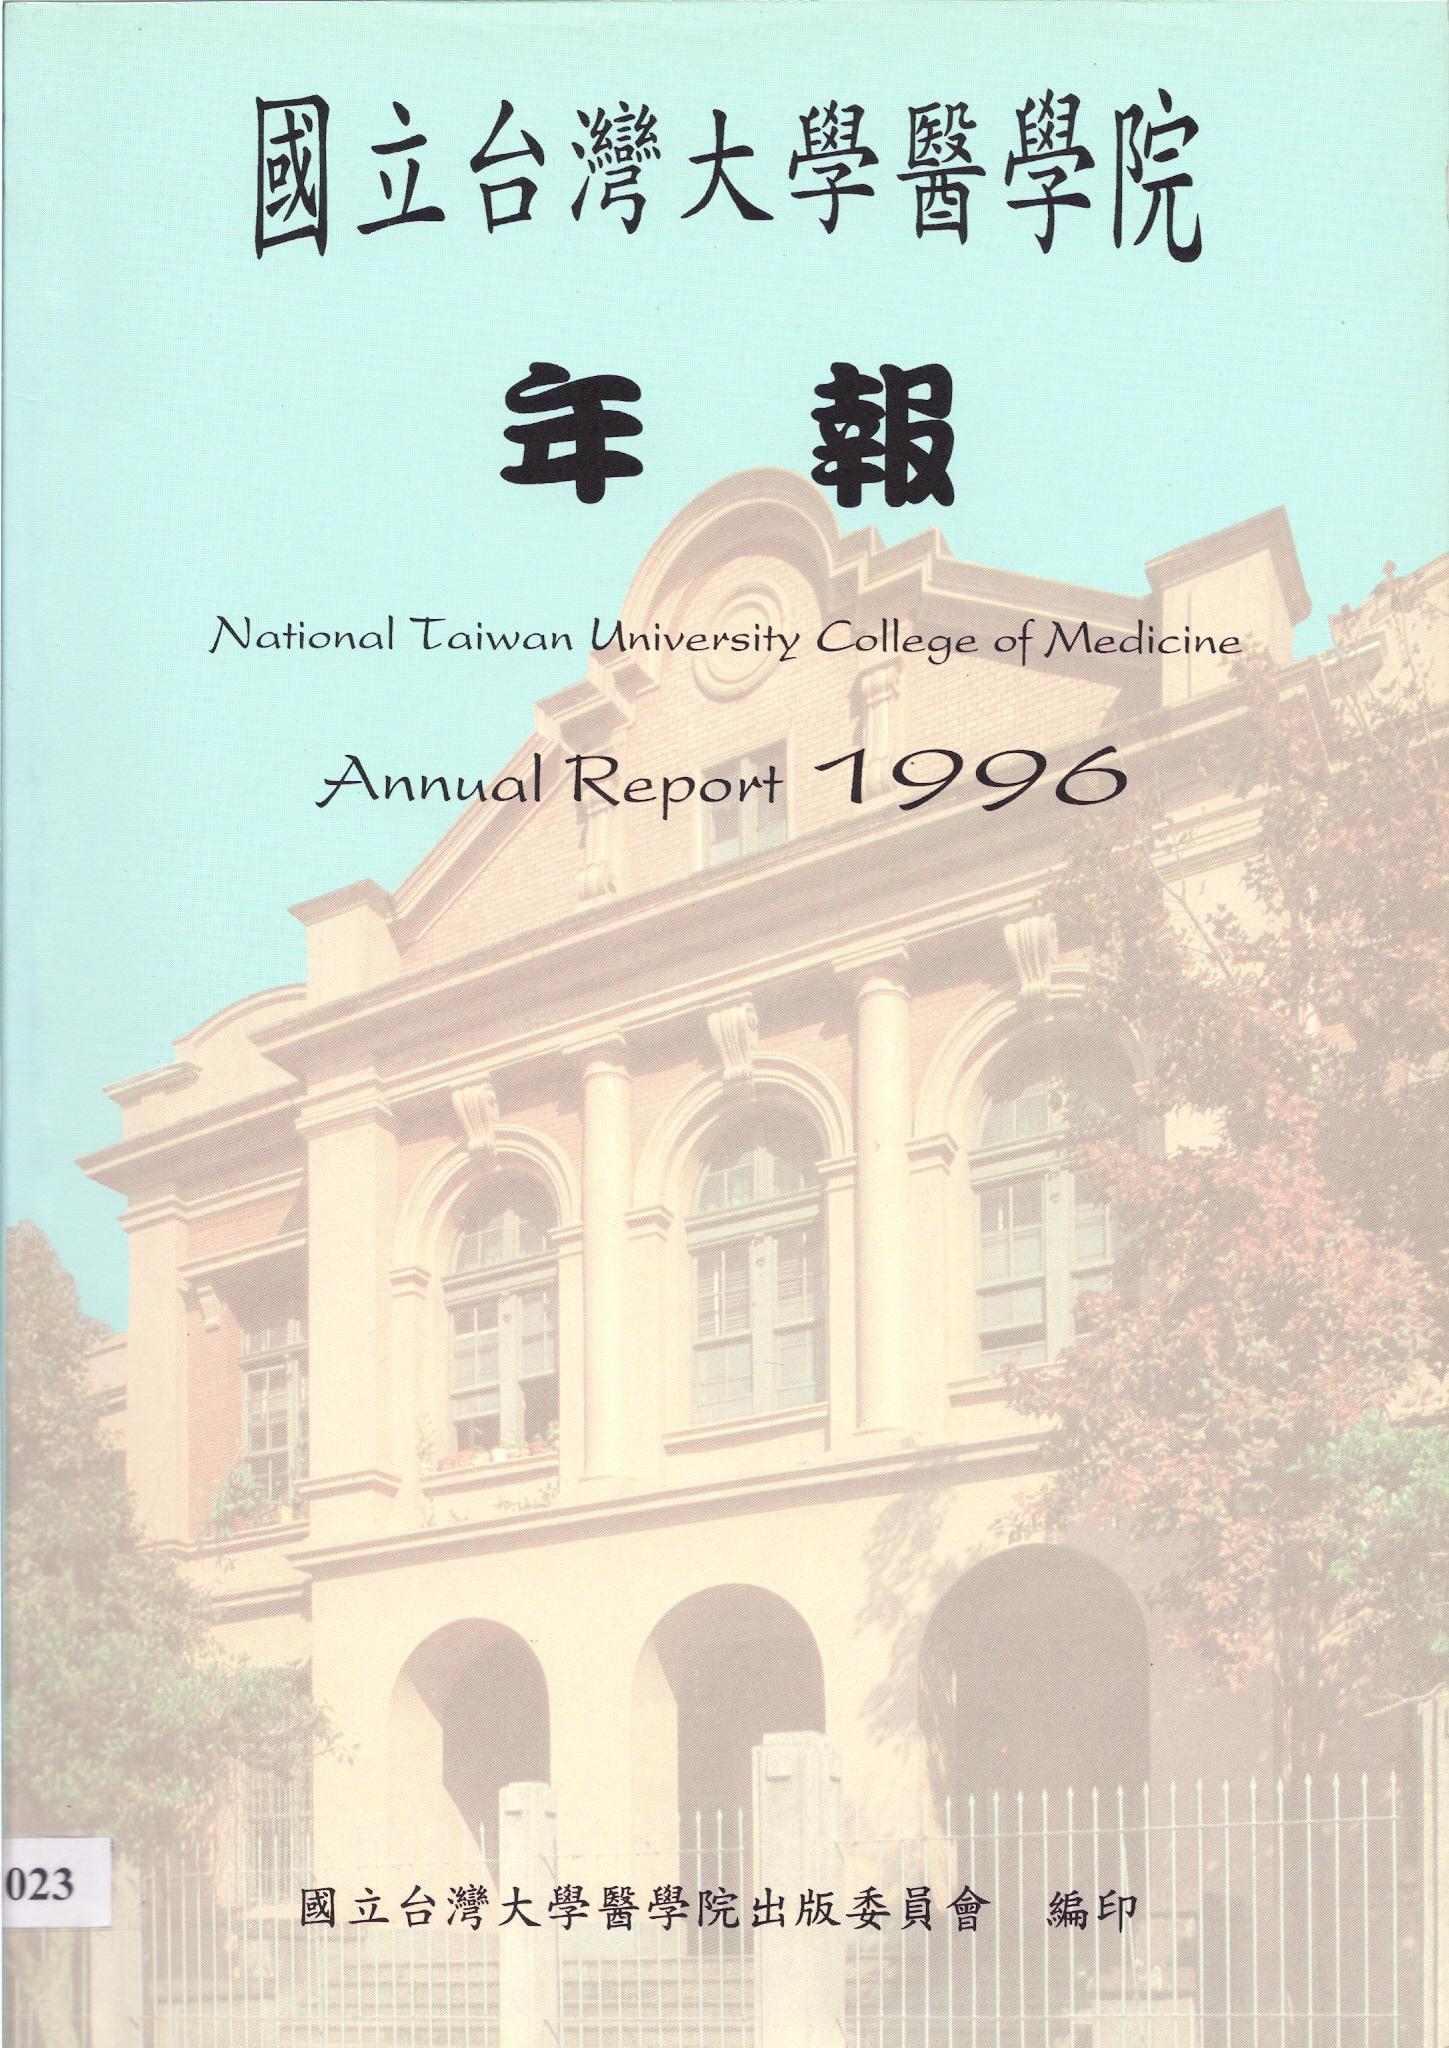 國立台灣大學醫學院年報1996